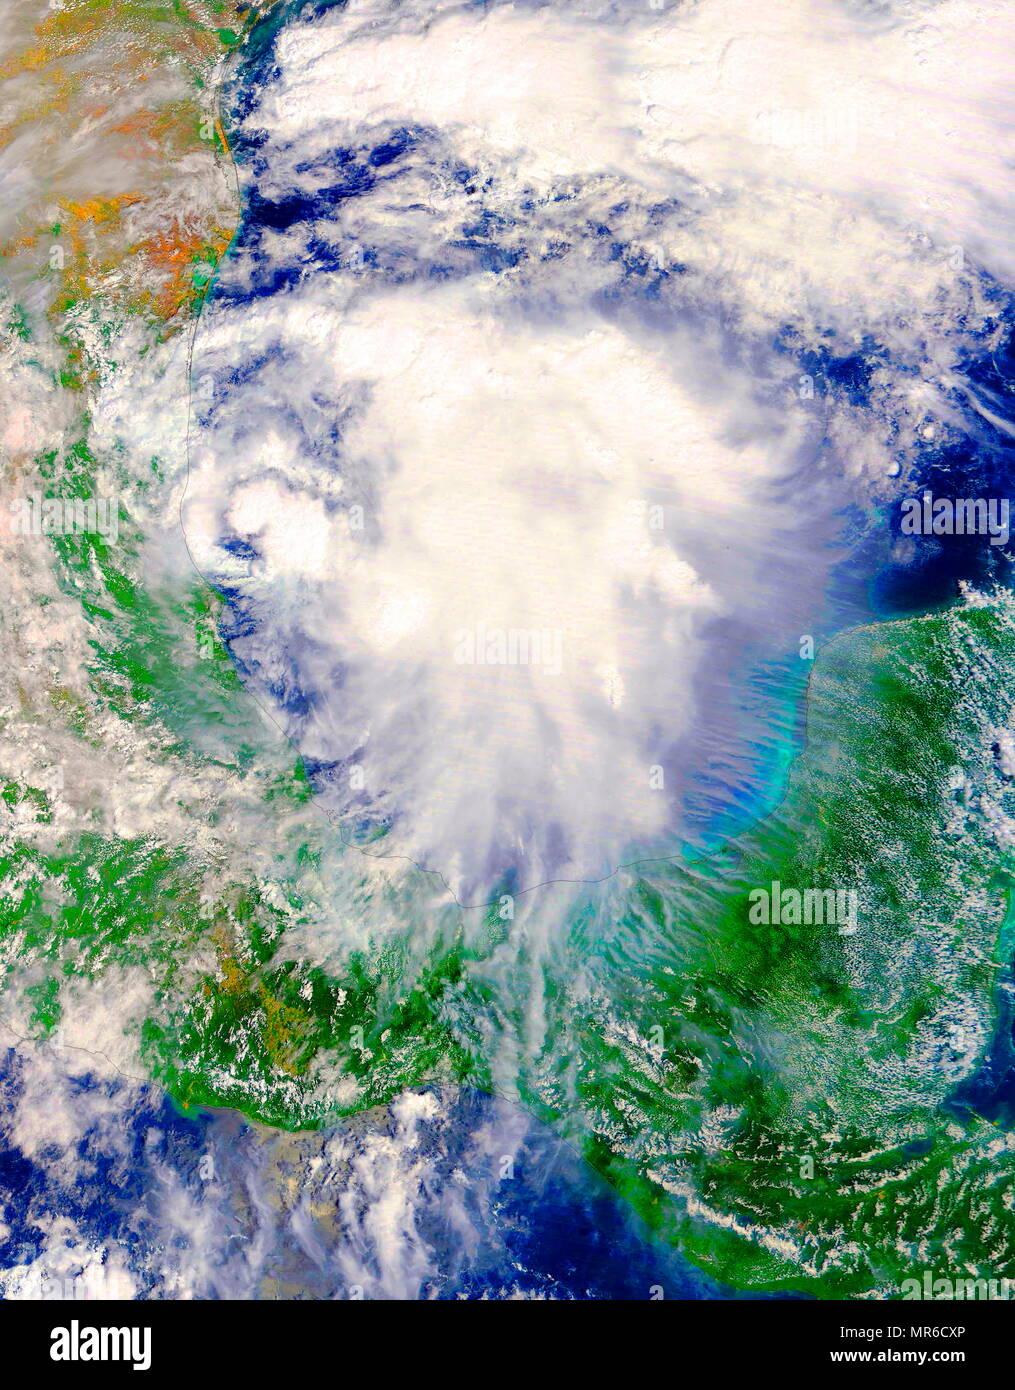 Della piattaforma satellitare Terra della NASA passò oltre lo sviluppo di tempesta tropicale Katia nell ovest del Golfo del Messico il 7 settembre 5 2017 a 1:10 p.m. EDT (1710 UTC). Immagini Stock